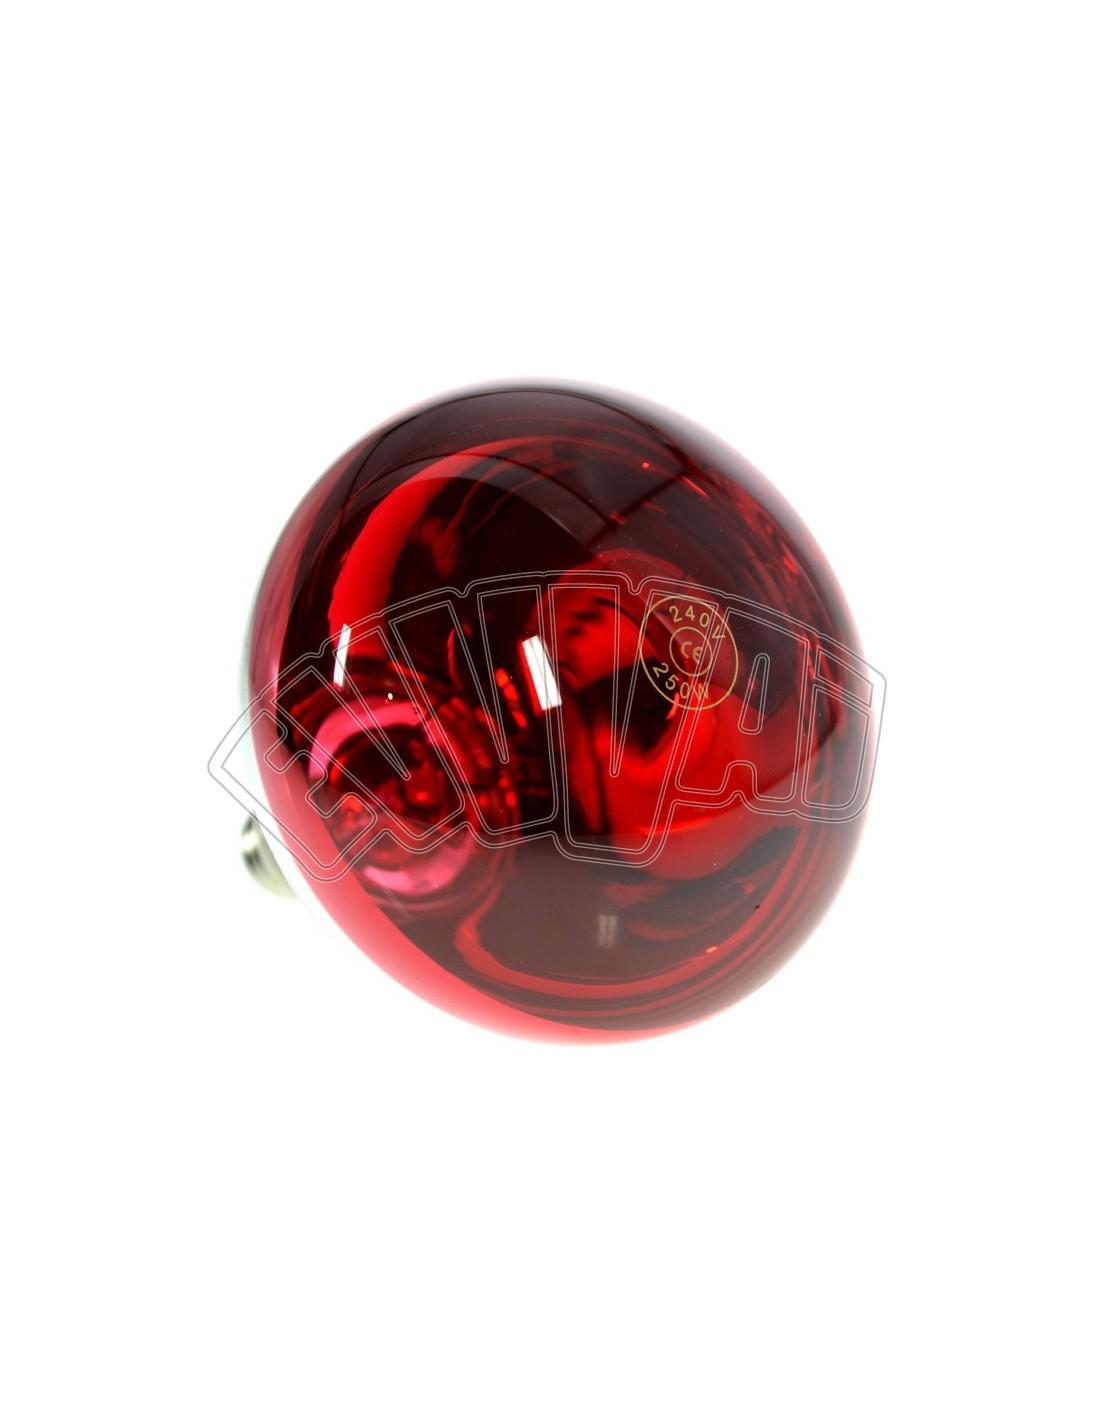 250w lampada infrarossi rossa e27 riscaldamento pulcini ForLampada Infrarossi Riscaldamento Pulcini